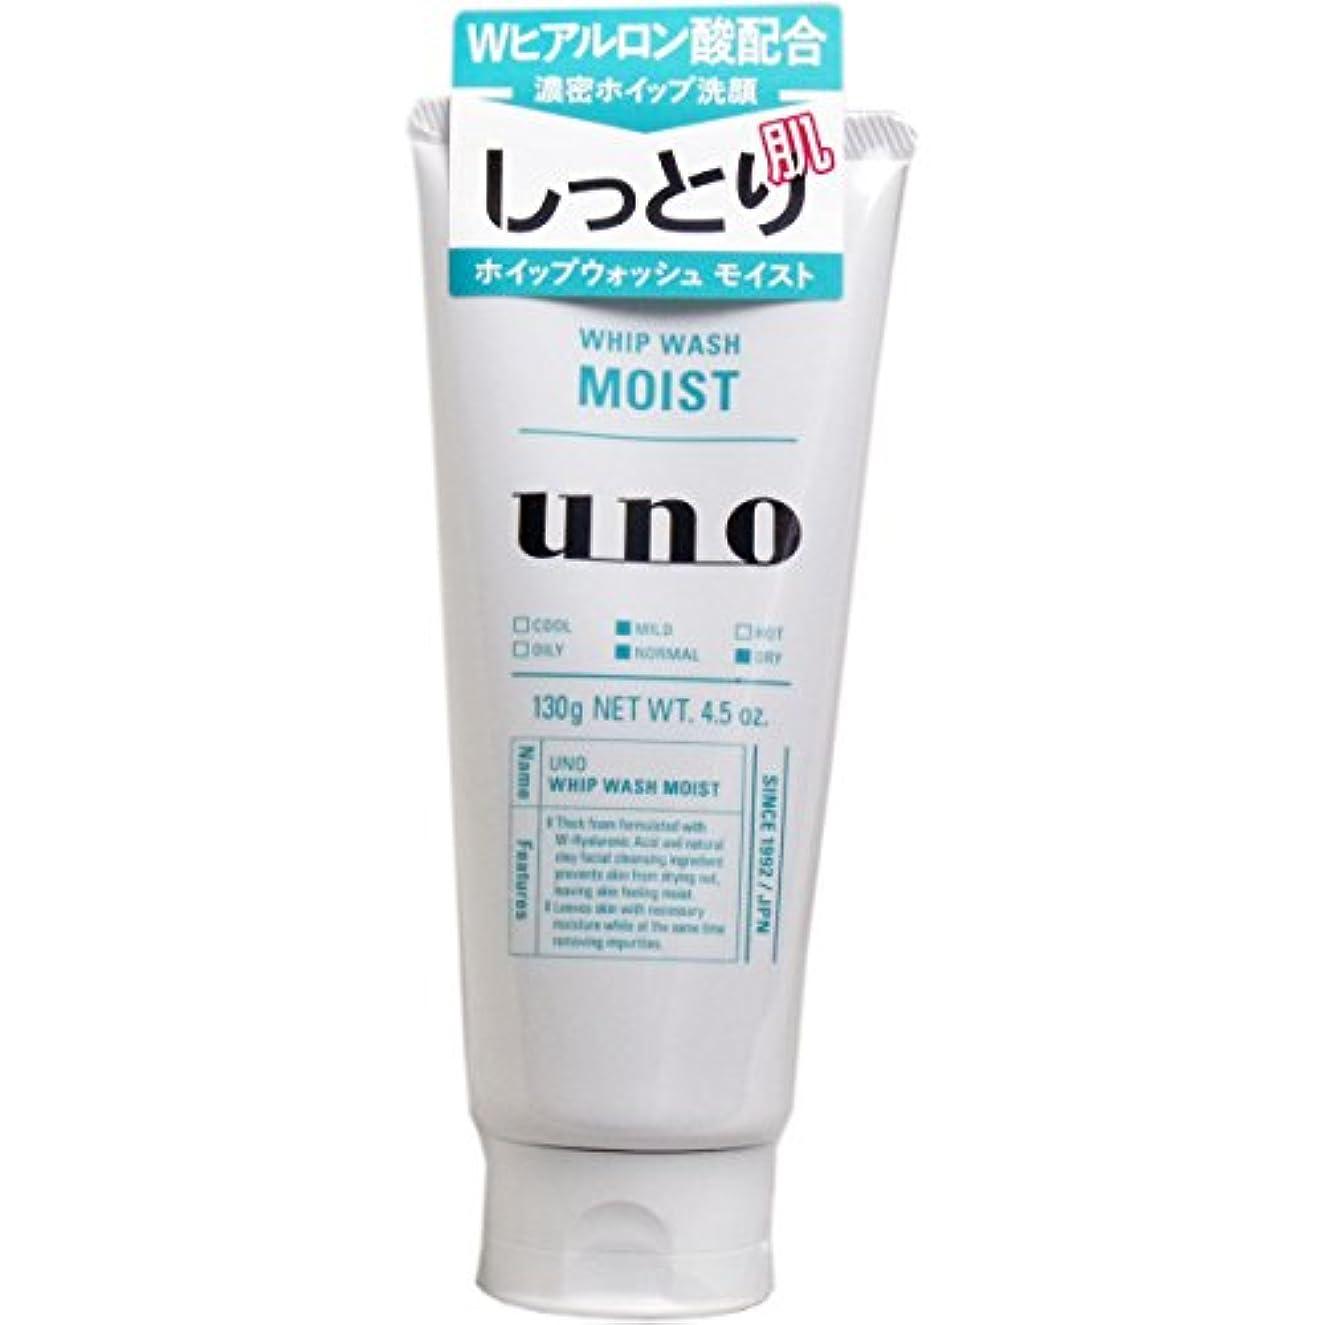 不透明な円形不快【資生堂】ウーノ(uno) ホイップウォッシュ (モイスト) 130g ×5個セット